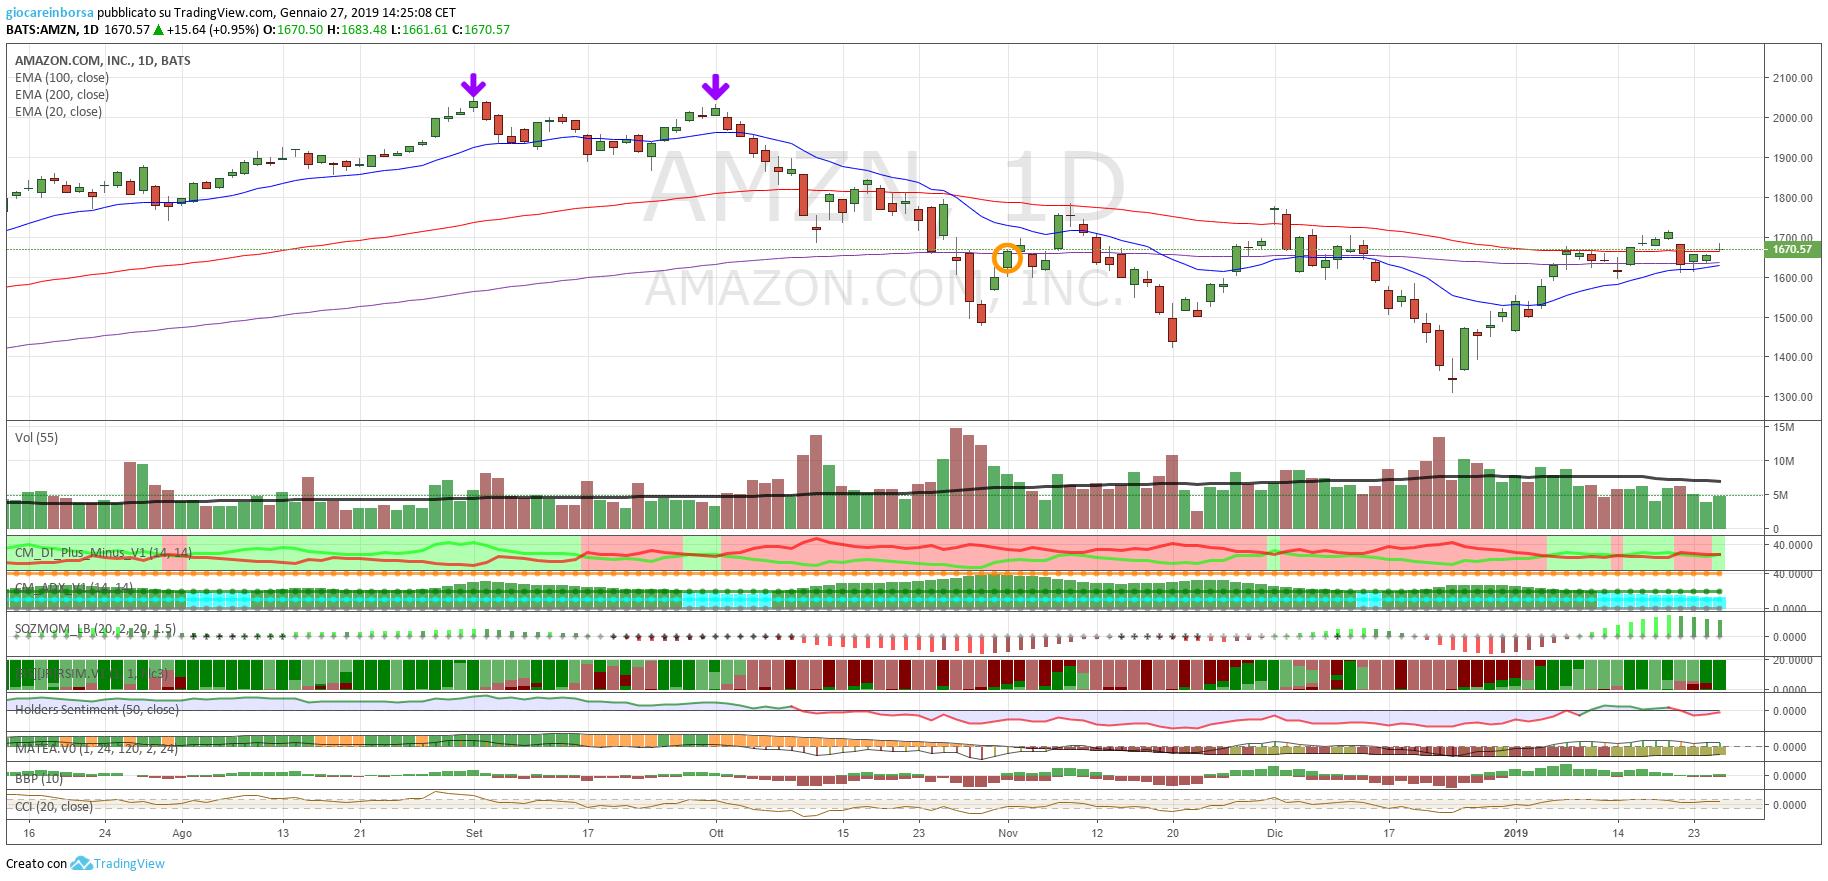 Azioni Amazon, analisi tecnica al 29 gennaio 2019